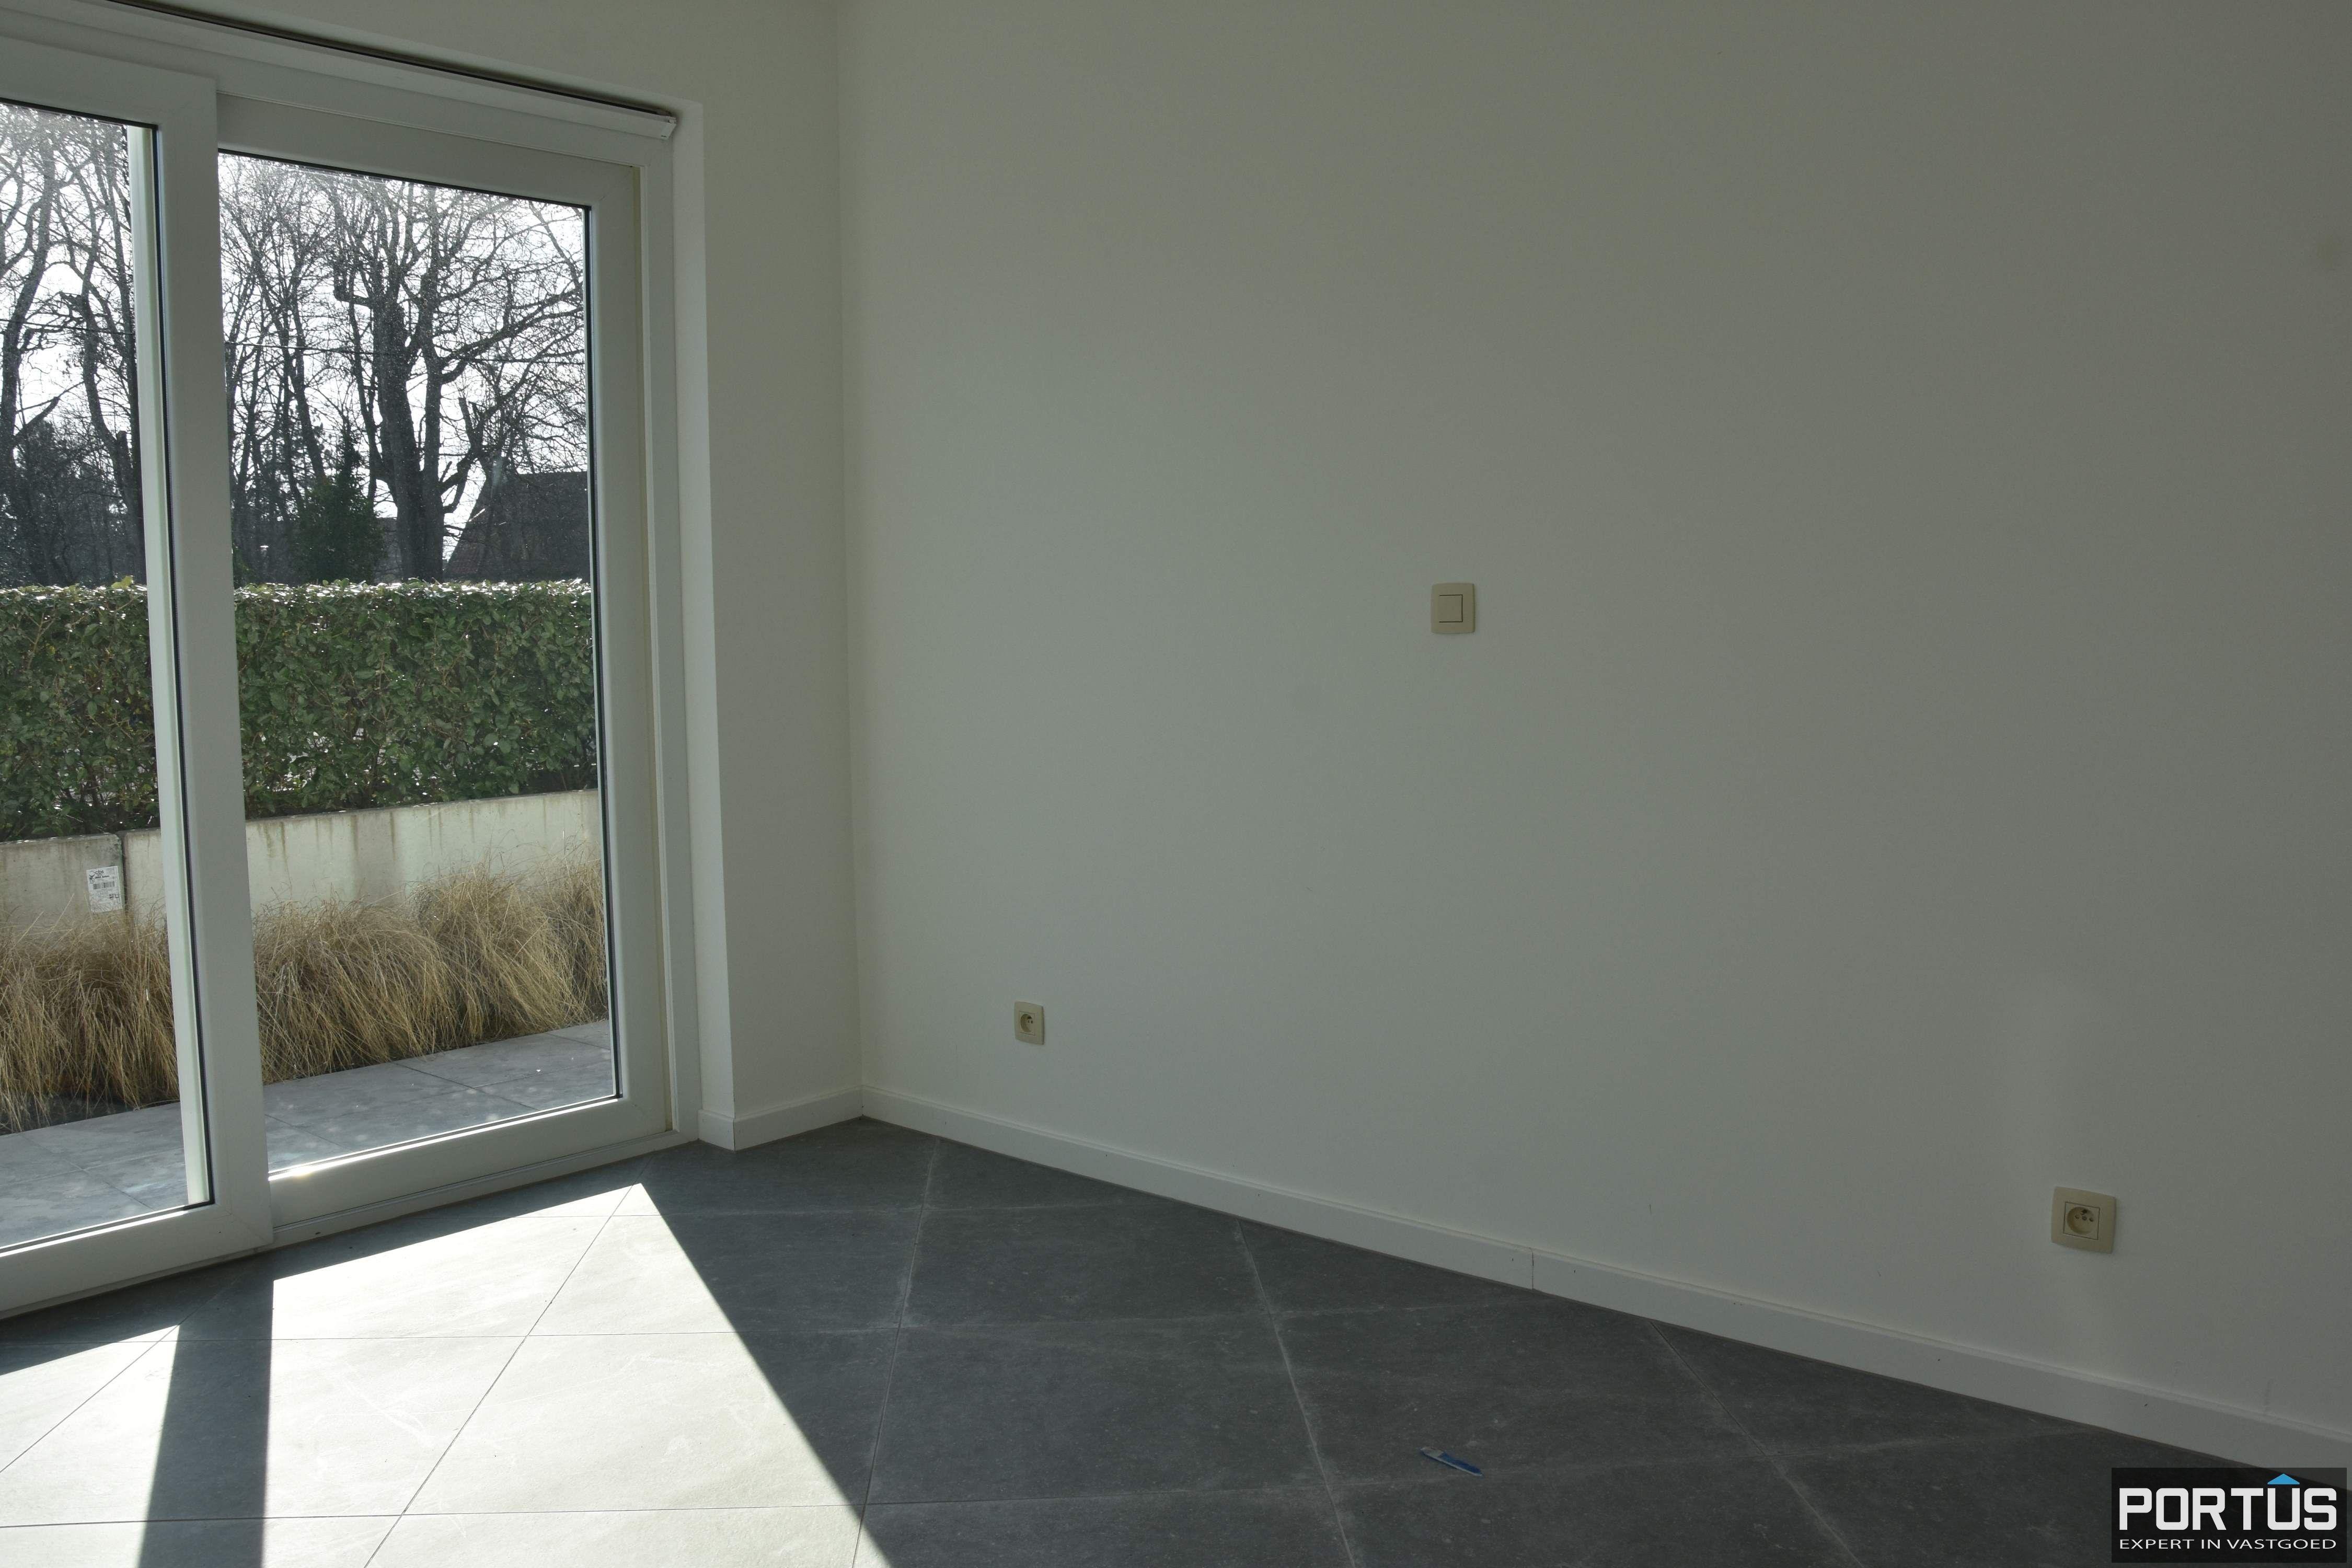 Appartement Residentie Villa Crombez Nieuwpoort - 9264